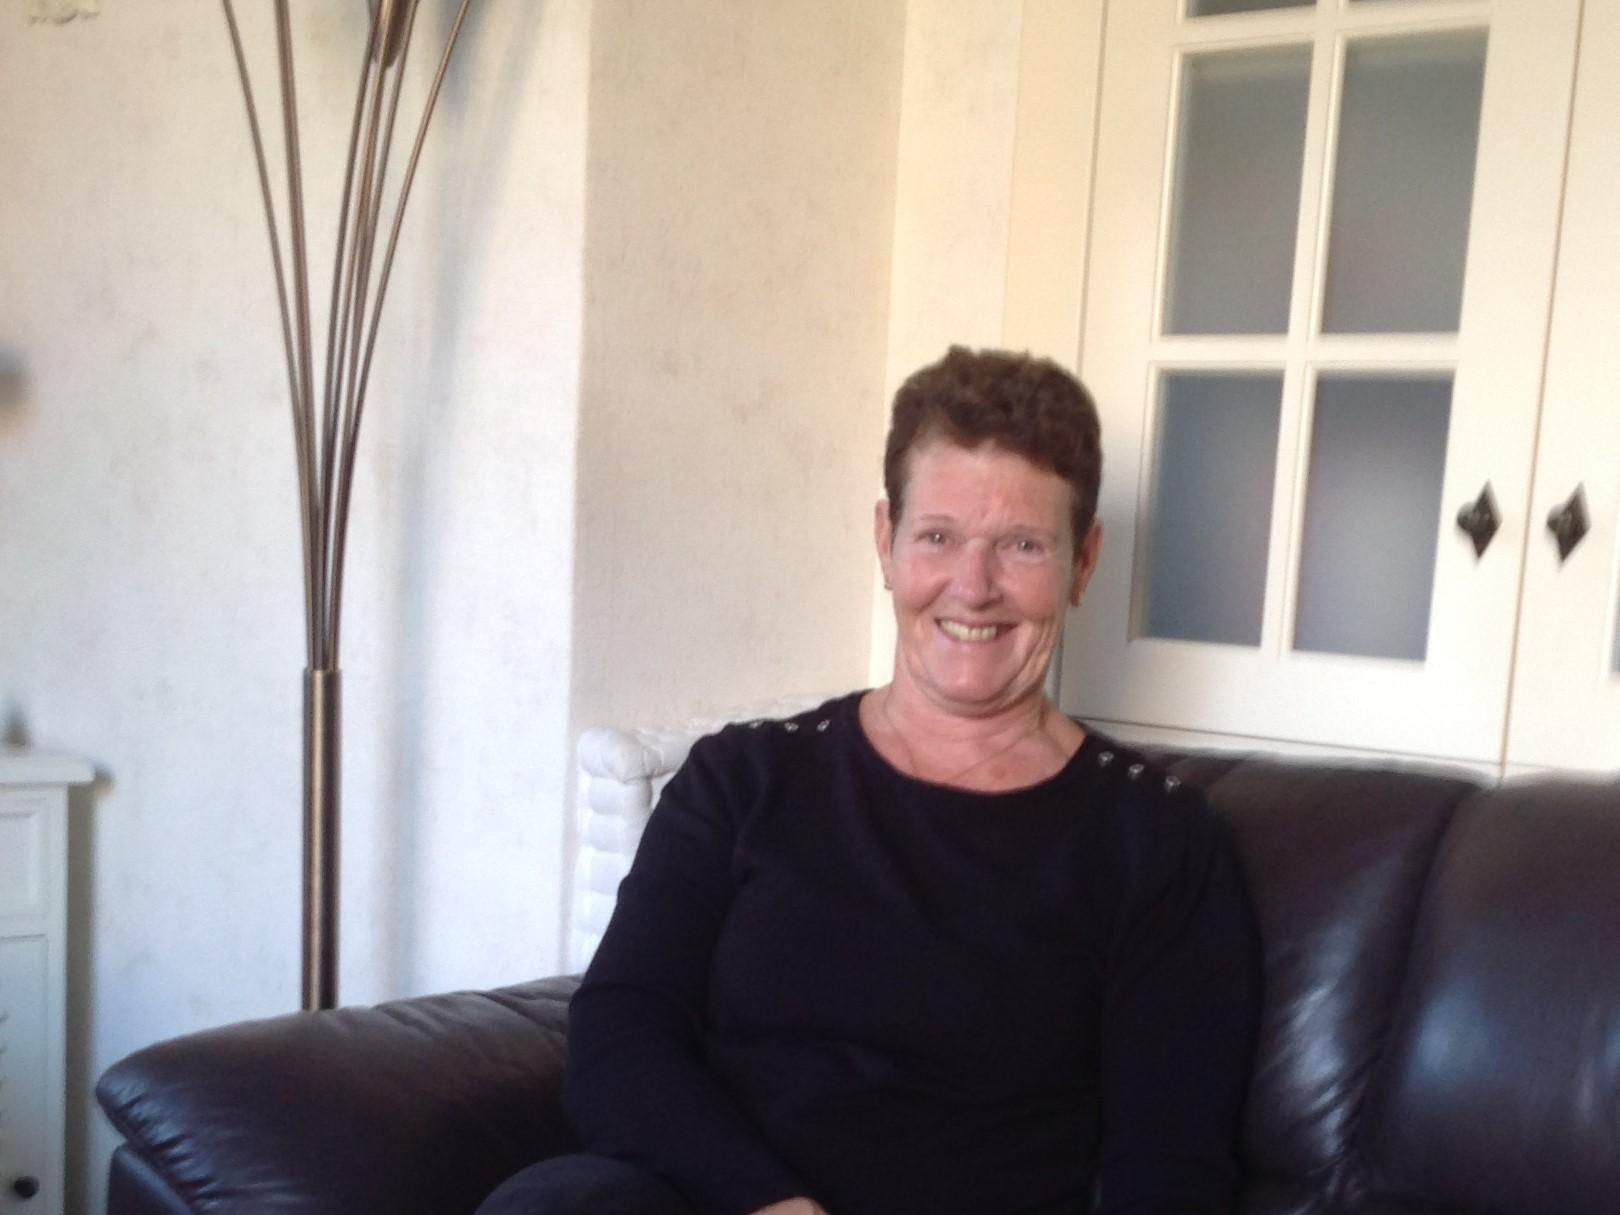 'Ik weiger om alleen met dementie bezig te zijn'